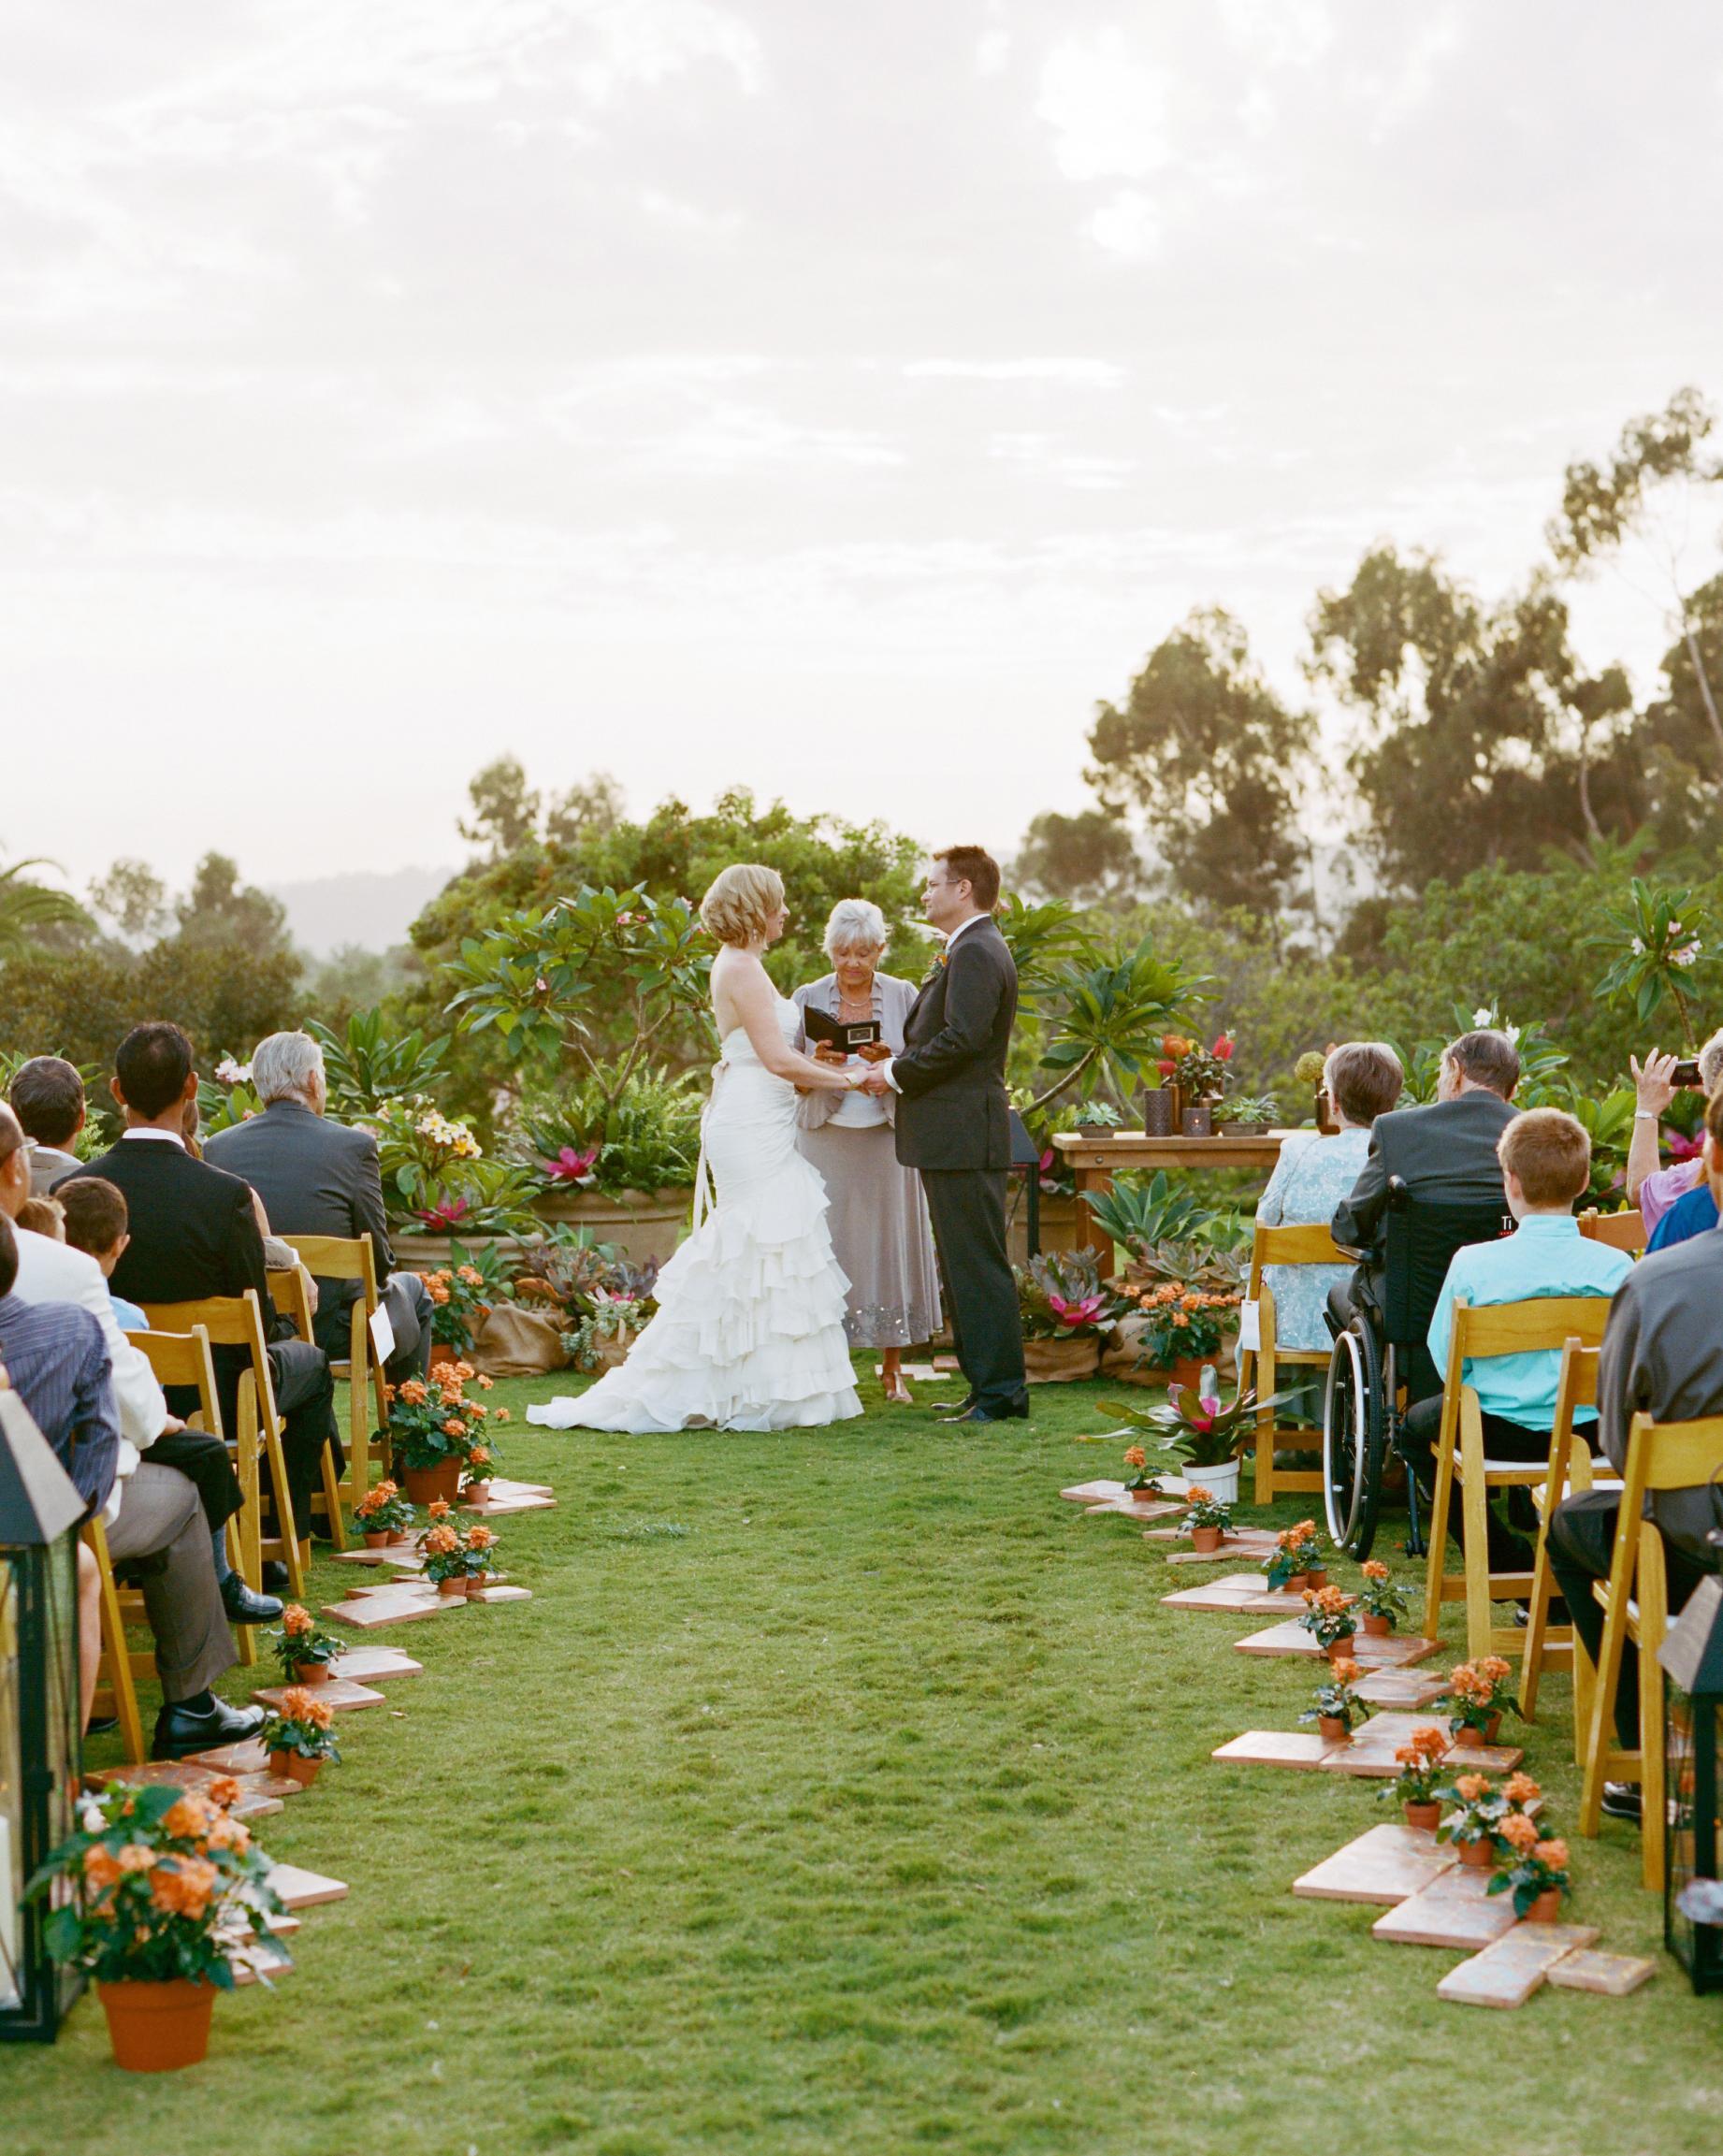 liz-allen-wedding-ceremony-0321-s111494-0914.jpg